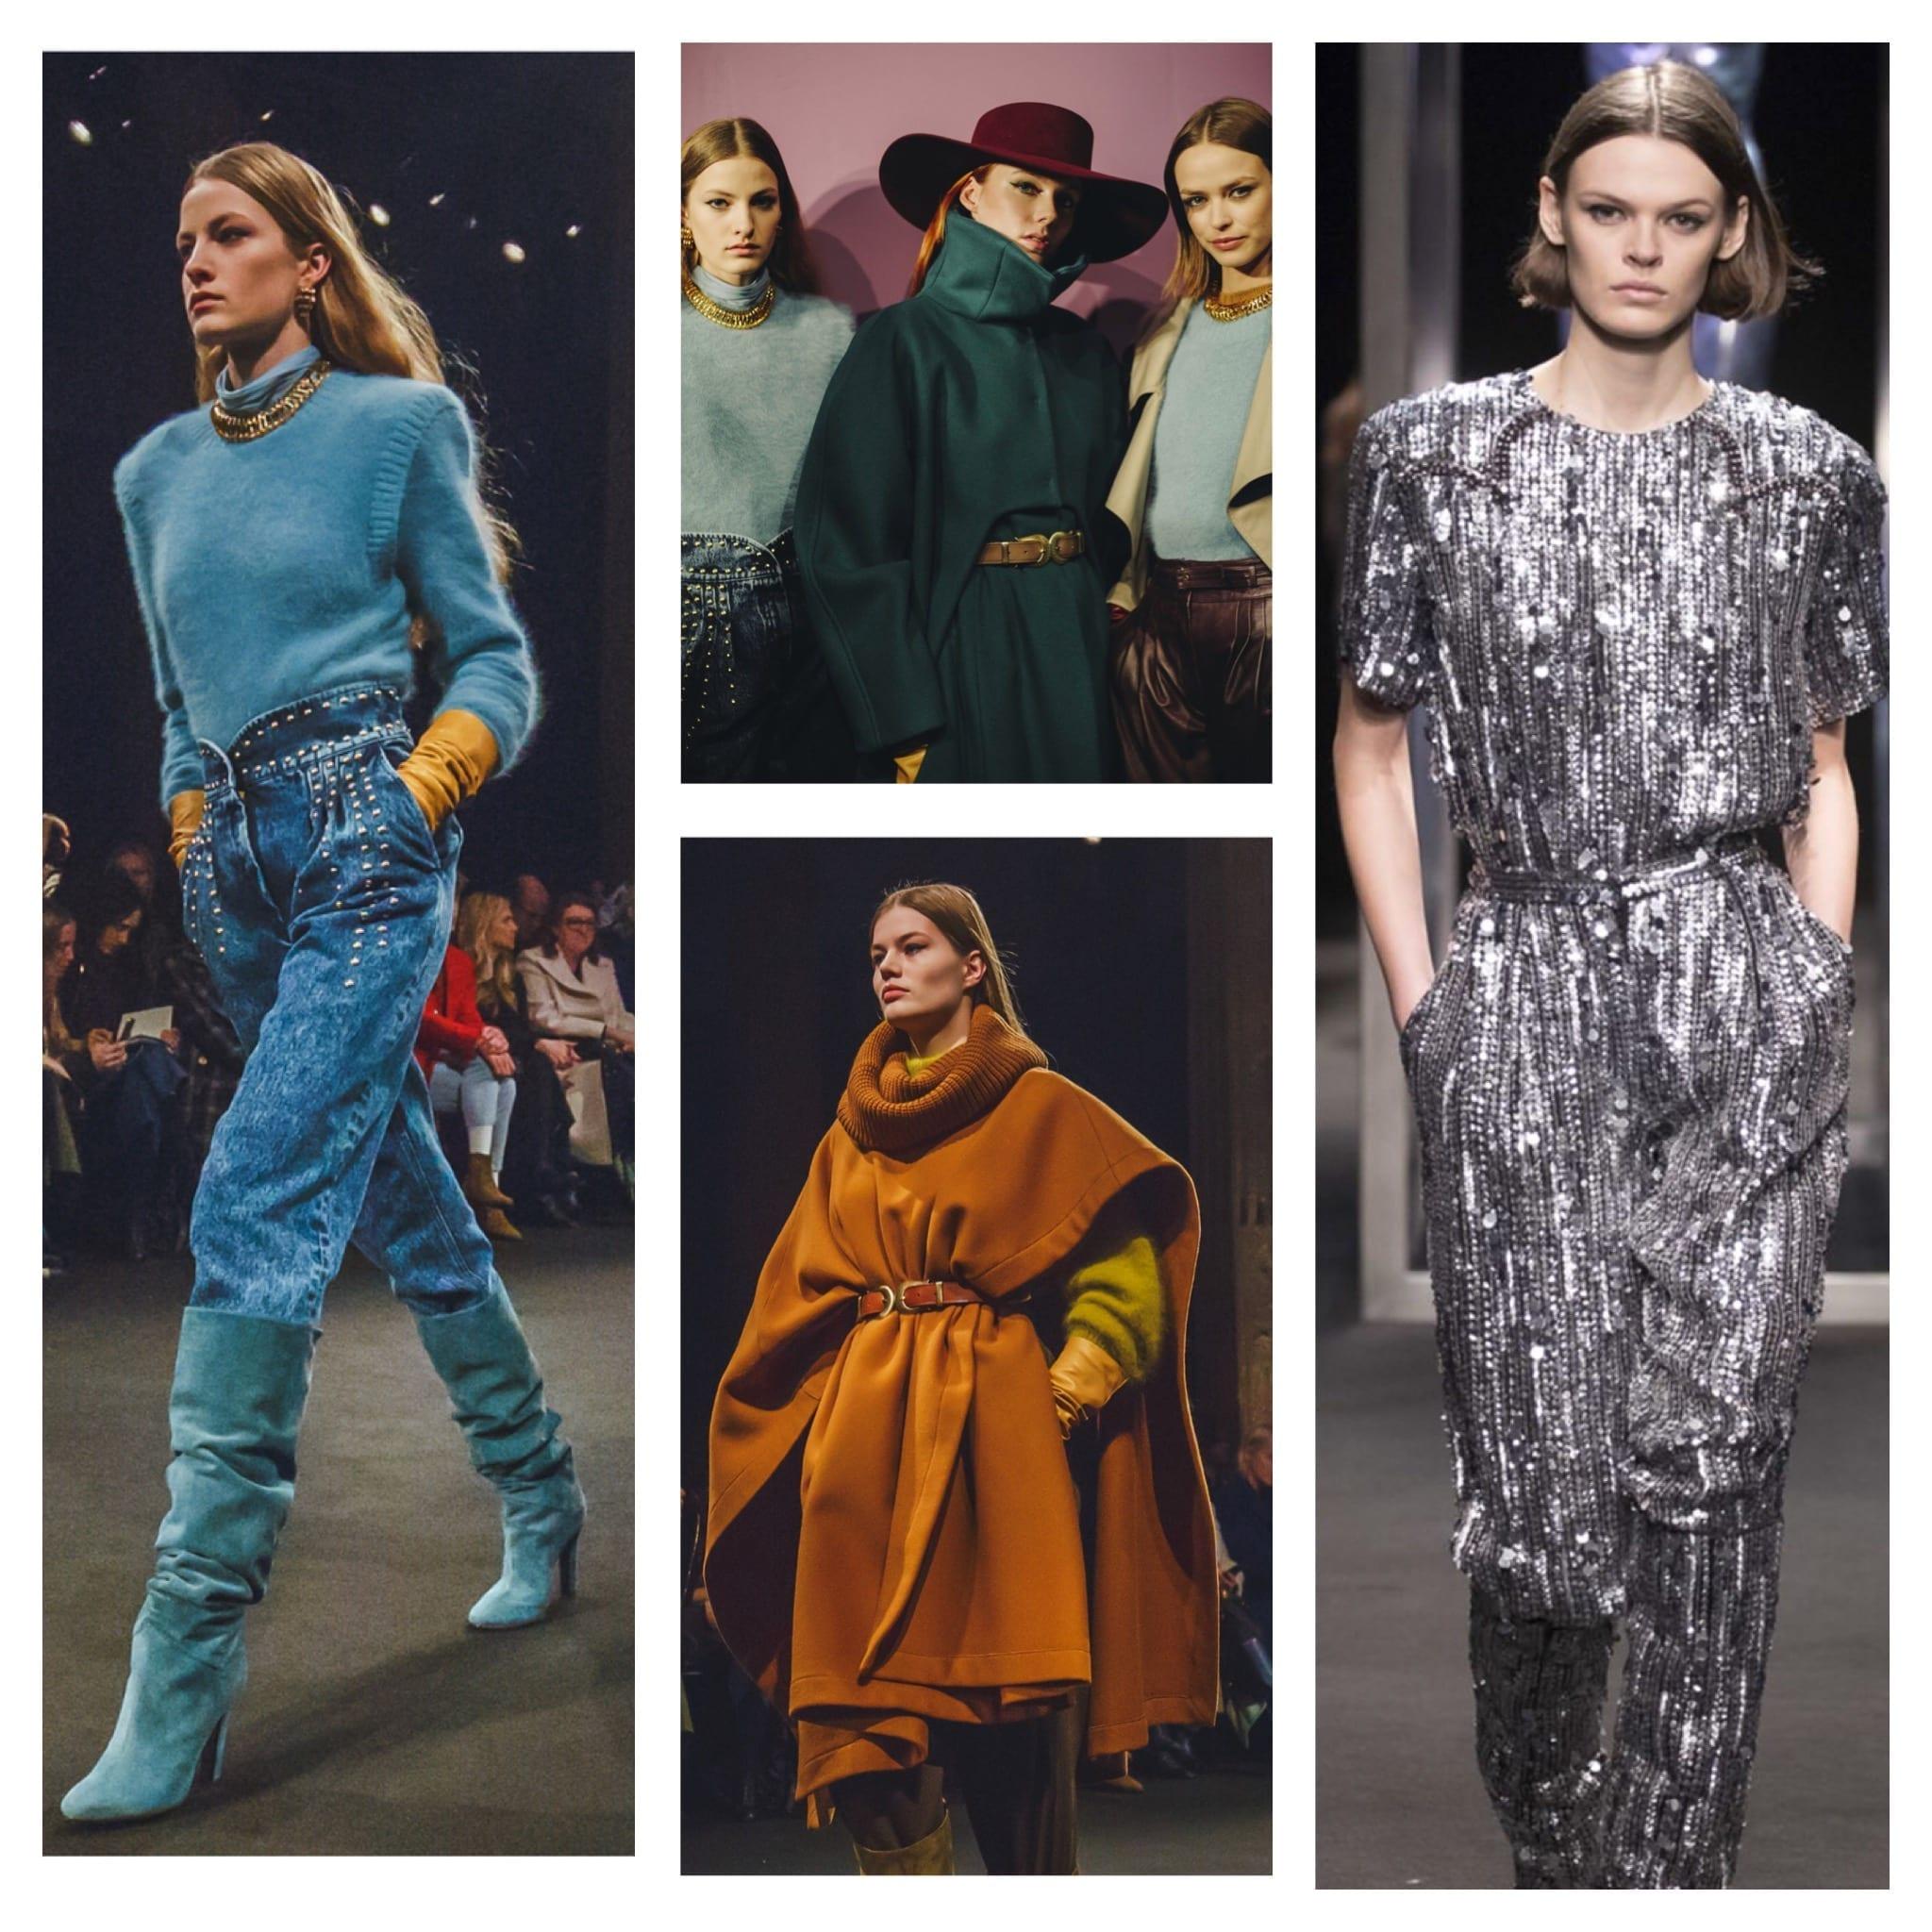 Alberta Ferretti A/I 2018-19, Versace A/I 2018-19, Milano fashion week 2018, theladycracy.it, elisa bellino, fashion blog italia 2018, blogger moda 2018, blogger moda più seguite 2018, tendenze moda autunno inverno 2018-19,